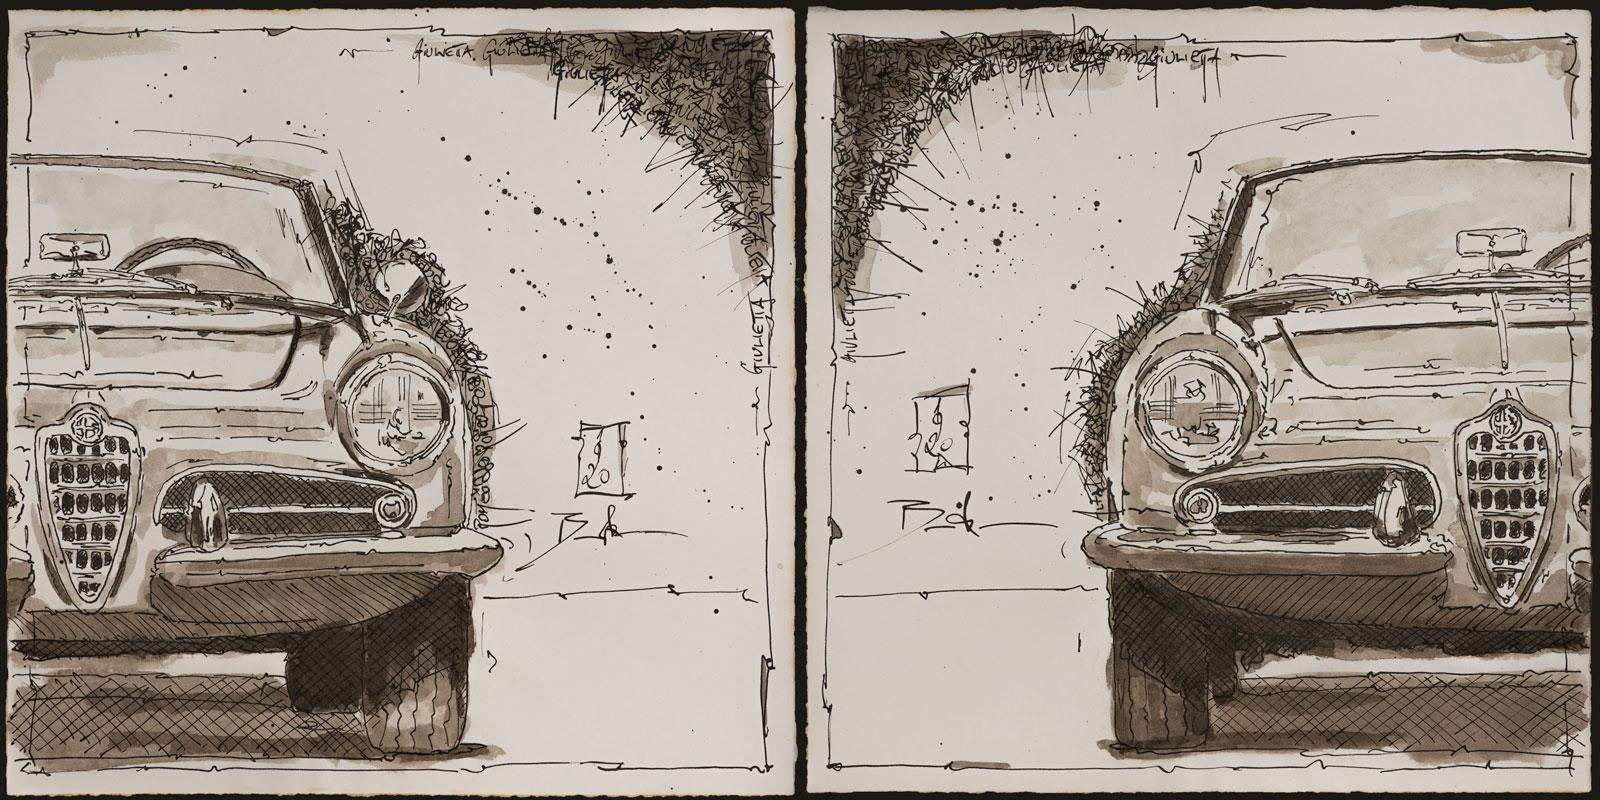 """Nun auch limitierte Künstlerdrucke meines """"Zweiseitig-Zyklus"""" in der originalen monochromen Farbgestaltung – die Mc2-Edition"""